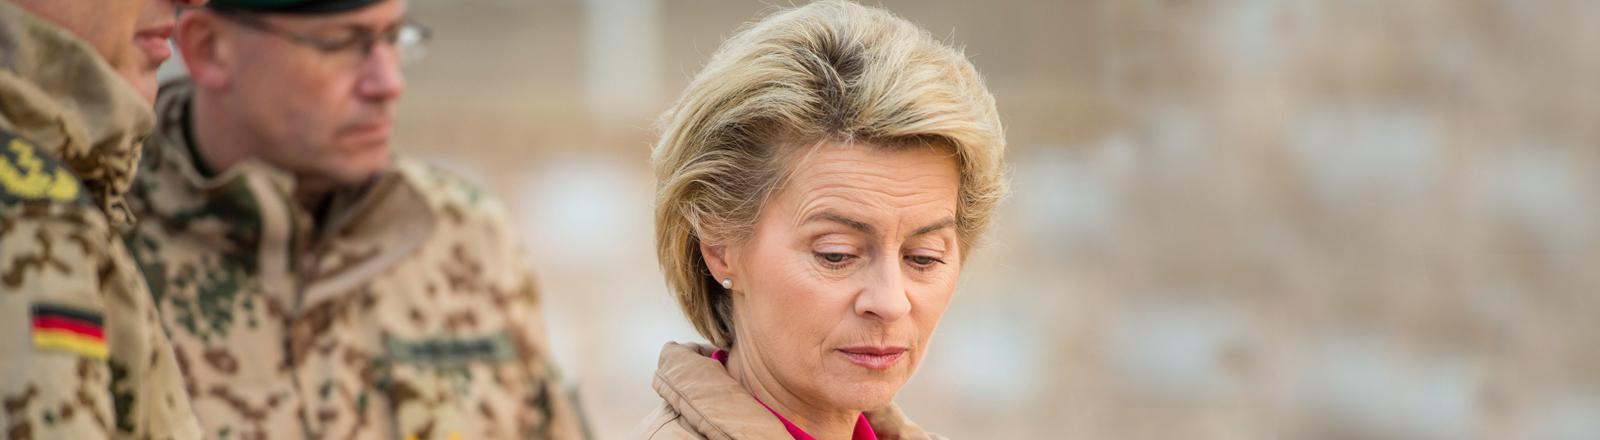 Ursula von der Leyen bei einem Bundeswehr-Besuch in Afghanistan